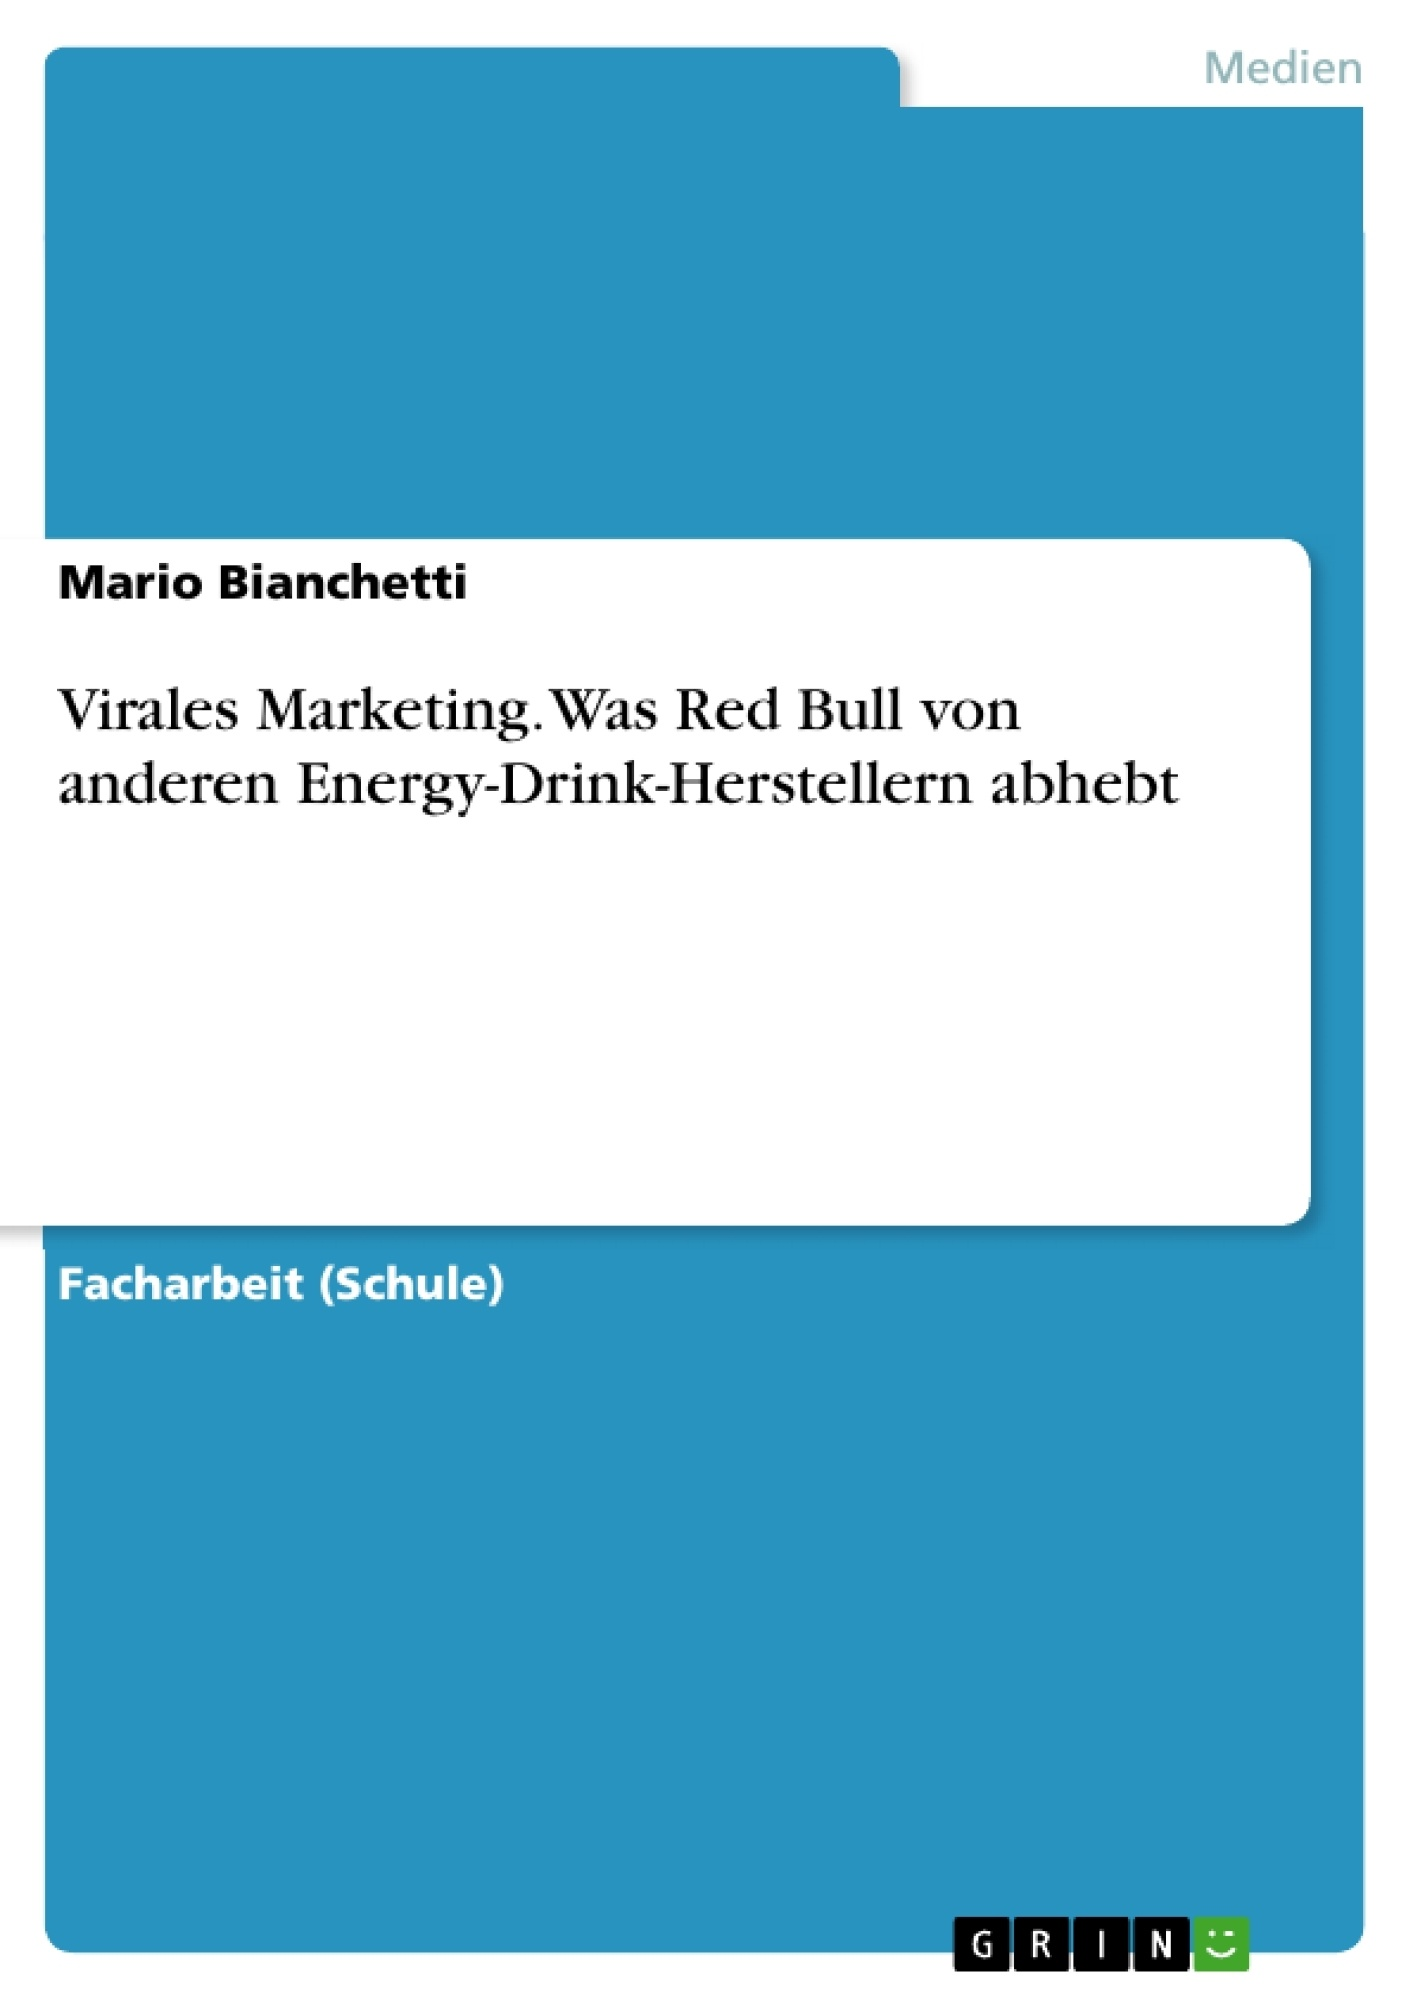 Titel: Virales Marketing. Was Red Bull von anderen Energy-Drink-Herstellern abhebt